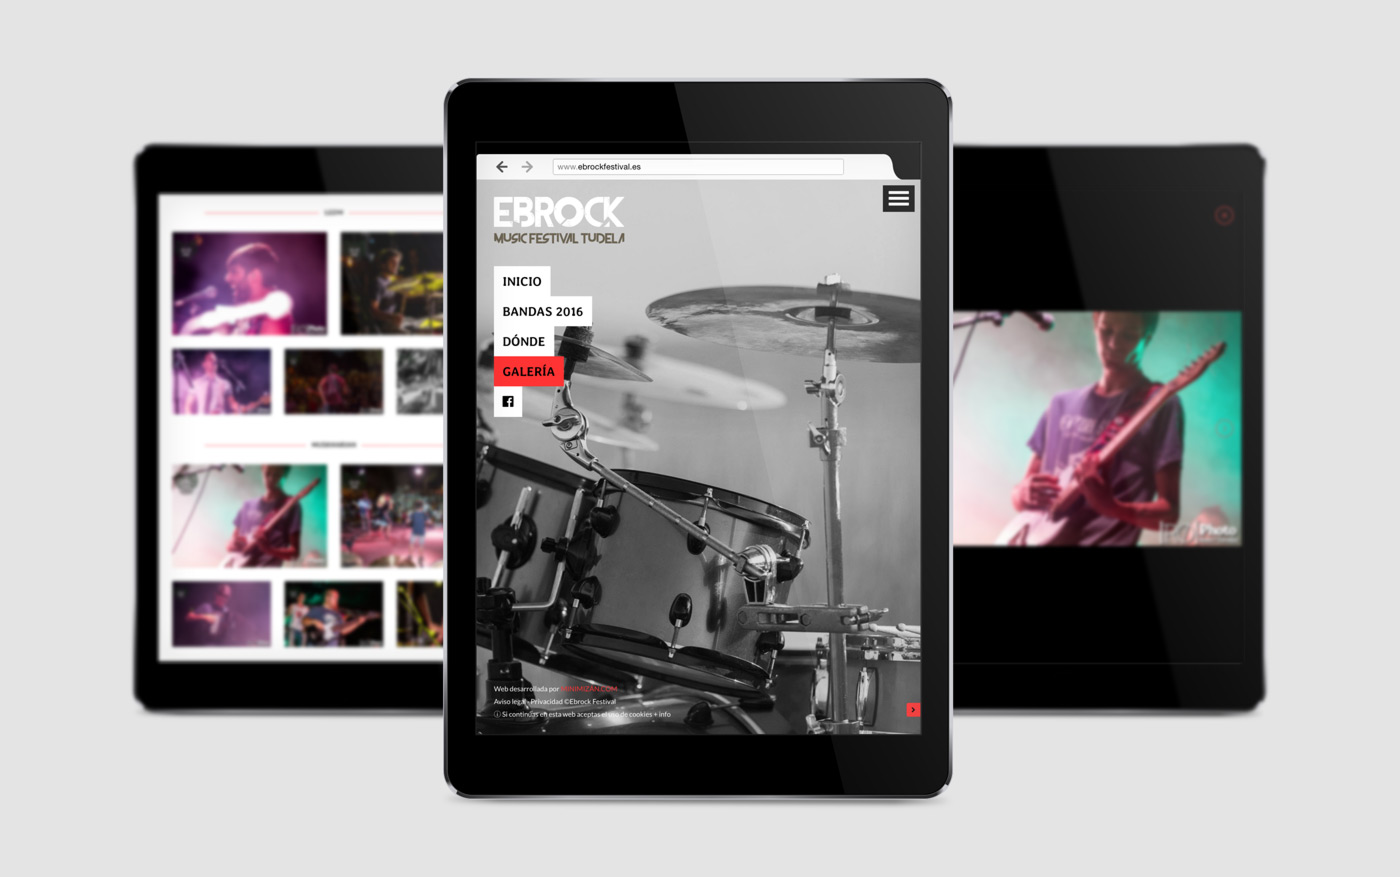 diseño de página web para festival de música Ebrock comportamiento responsivo